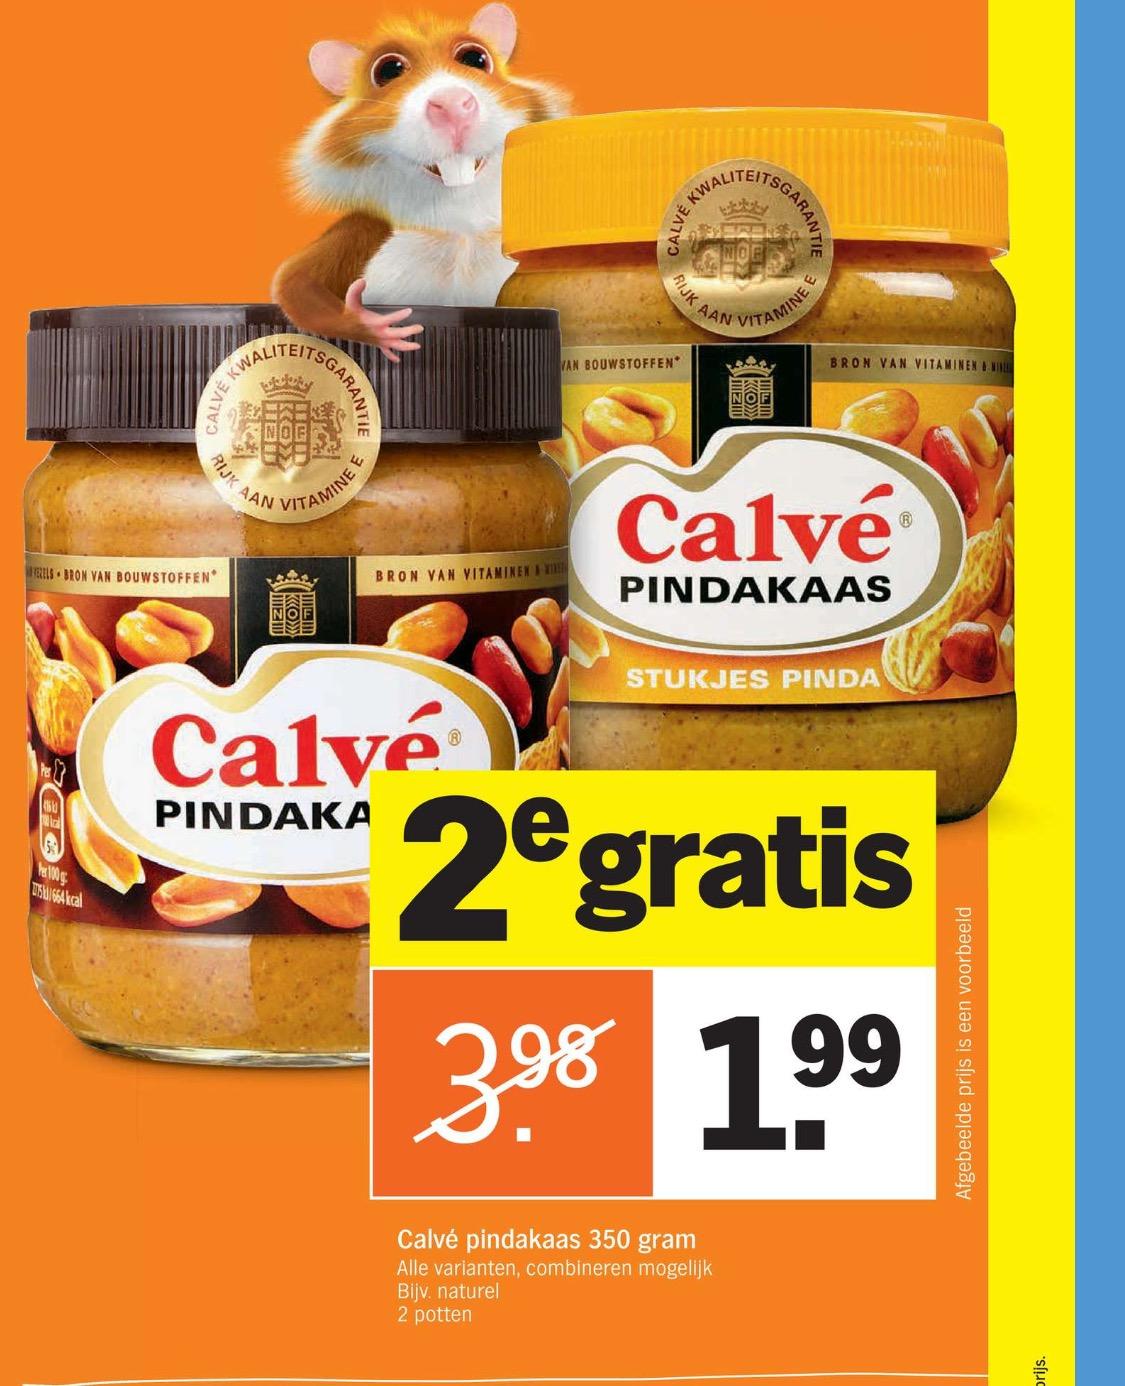 Calvé pindakaas 2 potten a 350gr €1,99 @ AH